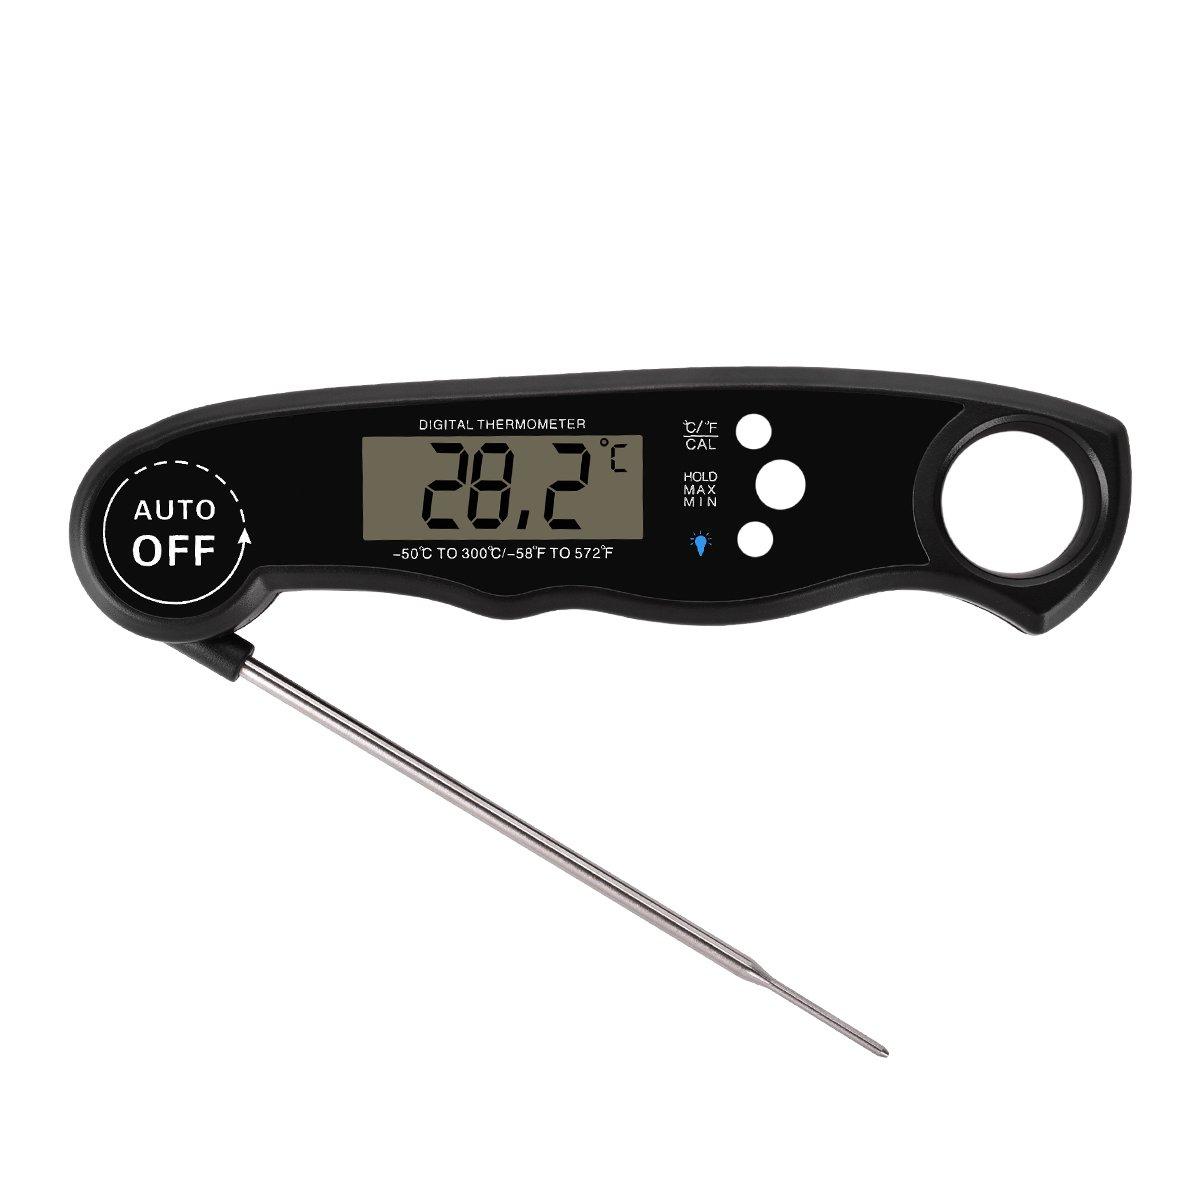 Lole termómetro de cocina digital, lectura instantánea - carne, barbacoa, de cocina, comida, para carne, Turquía, Candy, leche, agua del baño termómetro ...